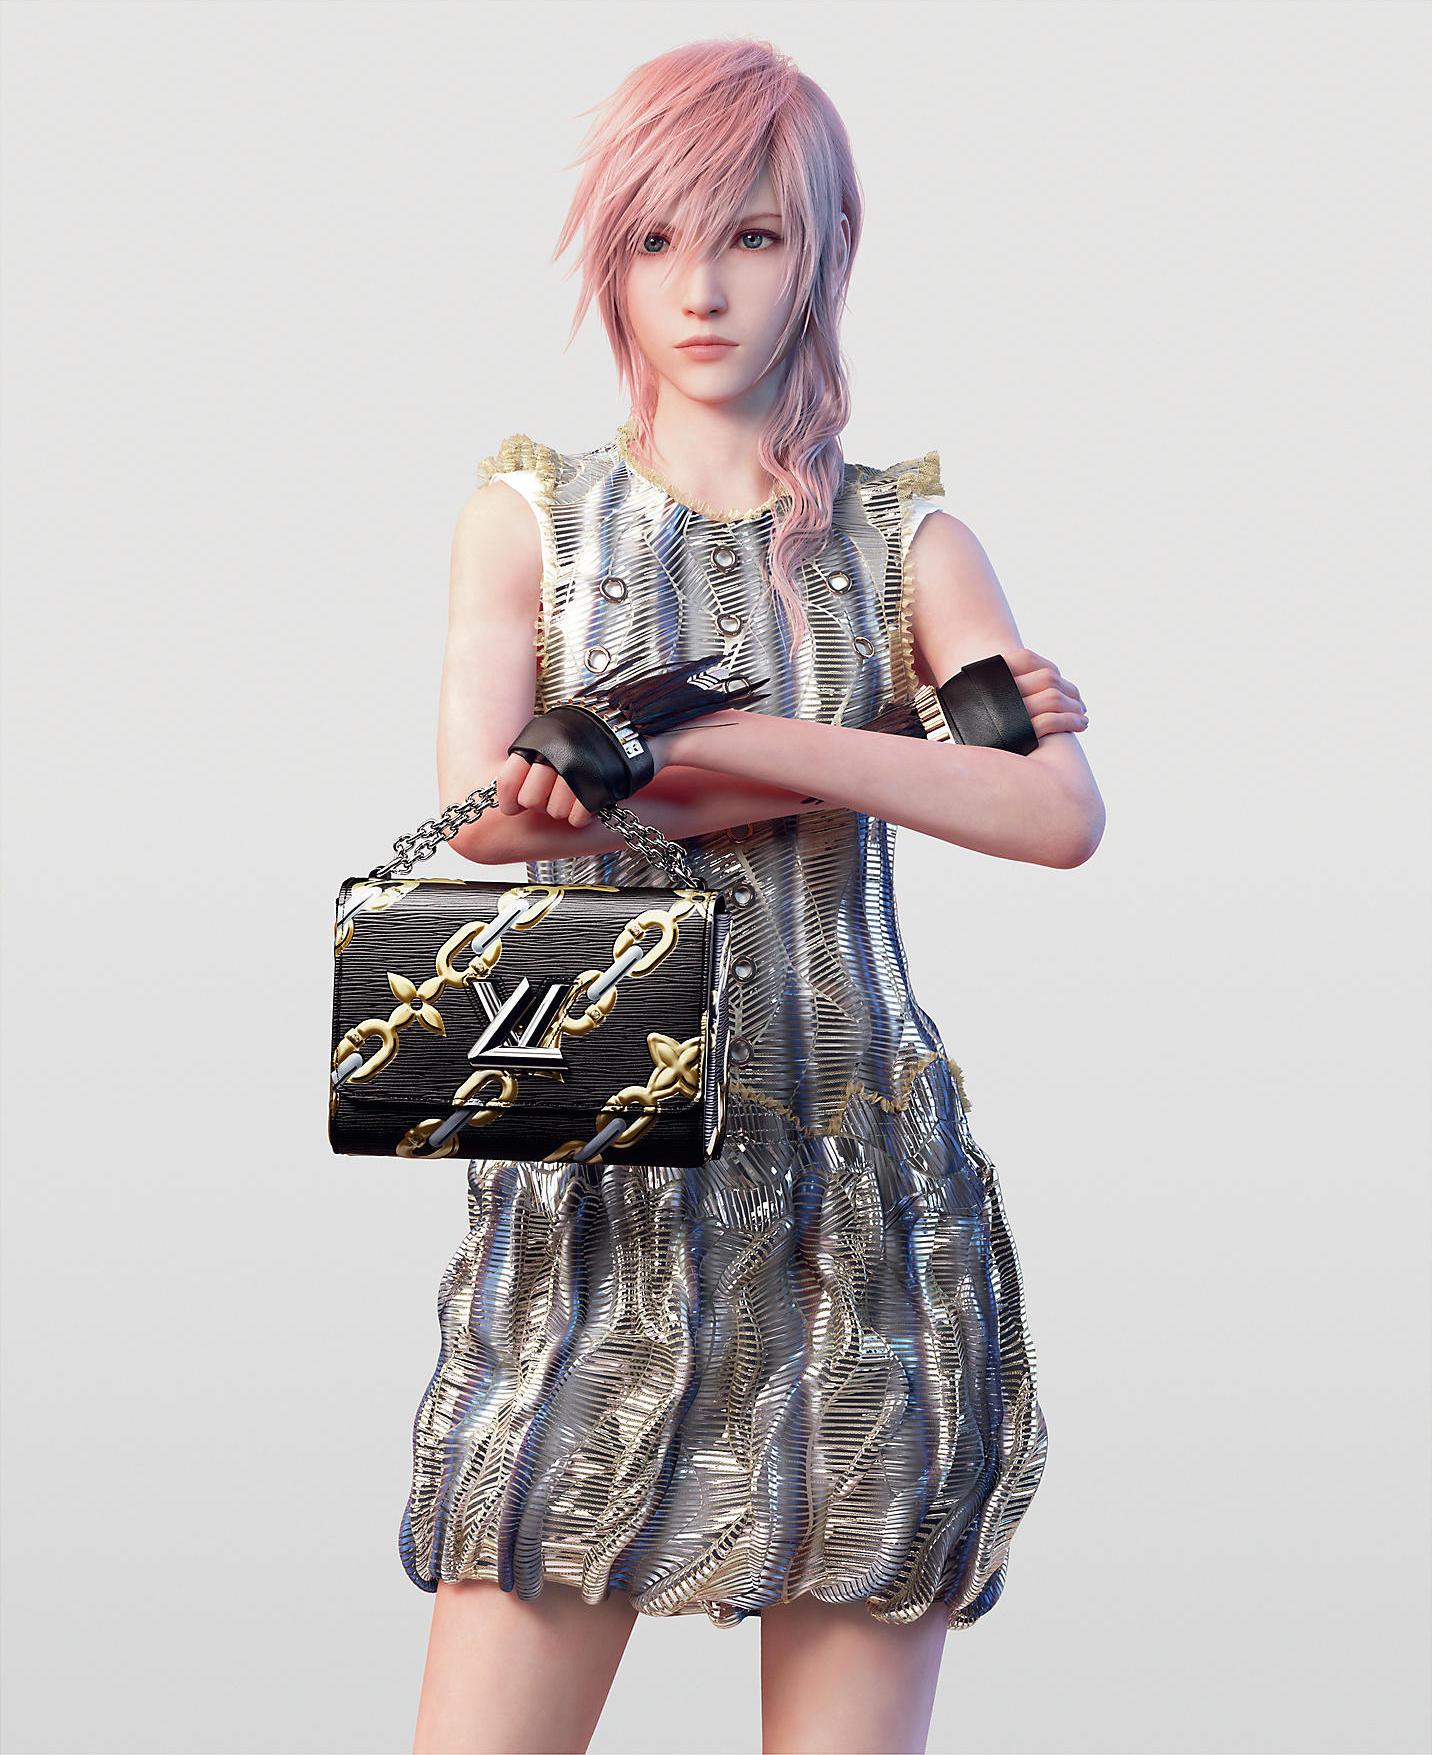 Inspirasi Pakaian OOTD dari Karakter Video Game